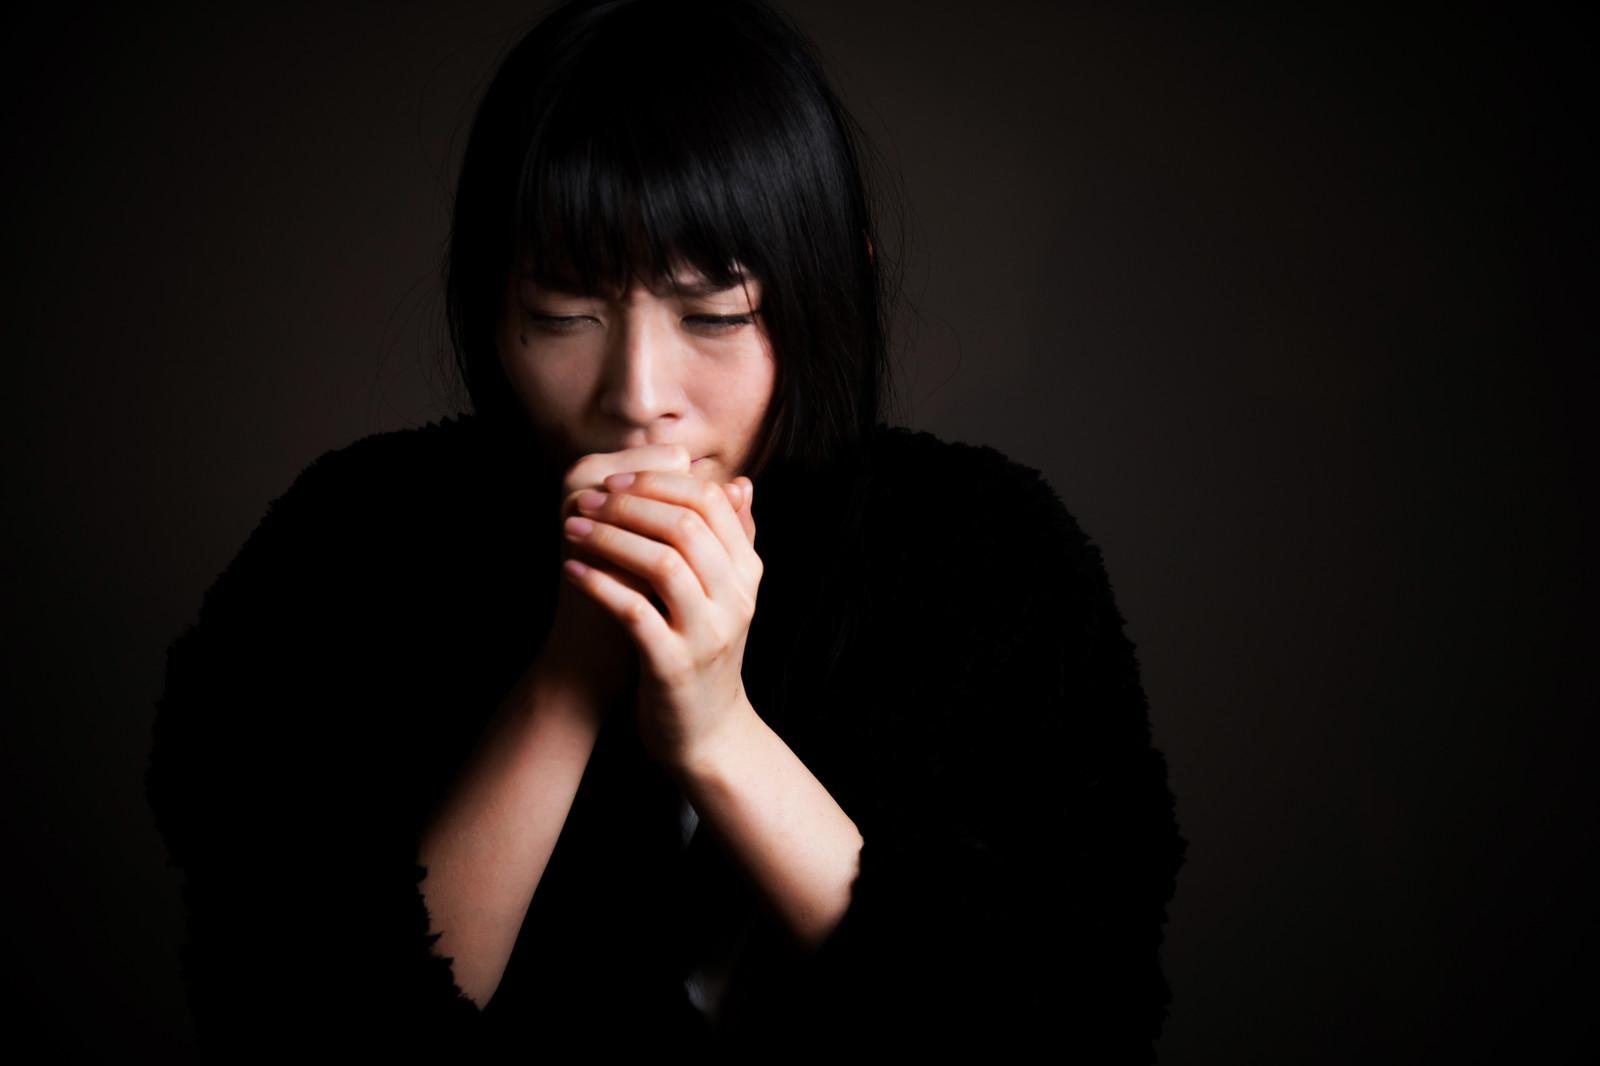 龍角散のど飴の効果がスゴイ!咳・痰・声枯れの症状にも有効?